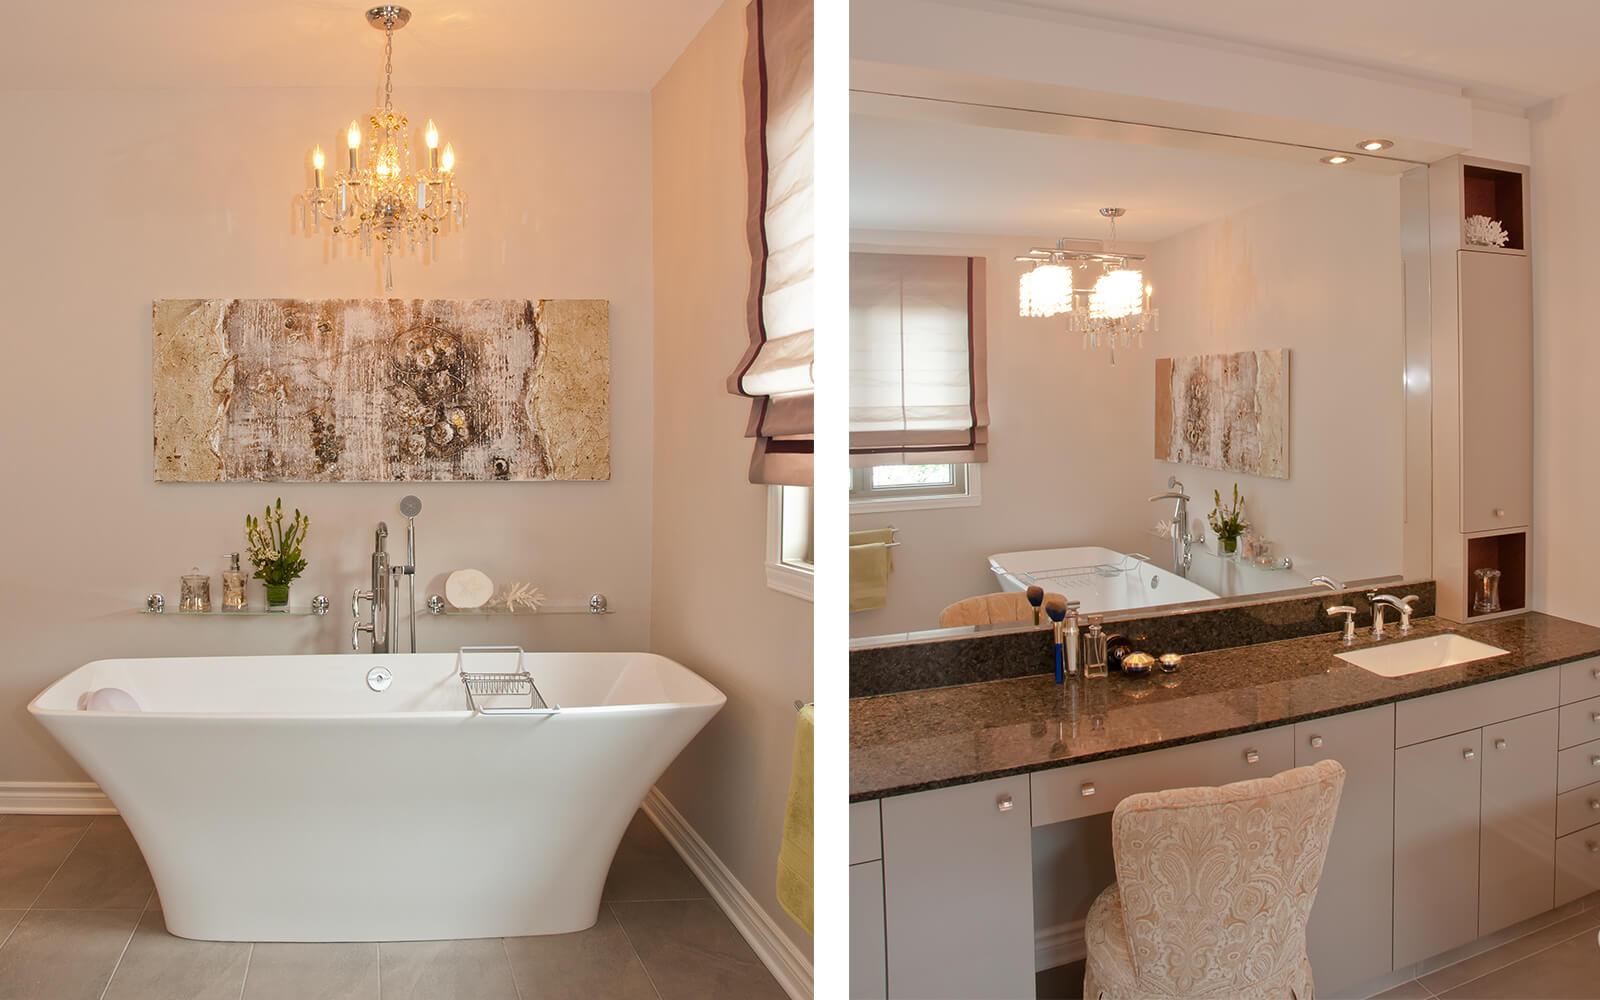 décoration baignoire, chandelier et comptoir